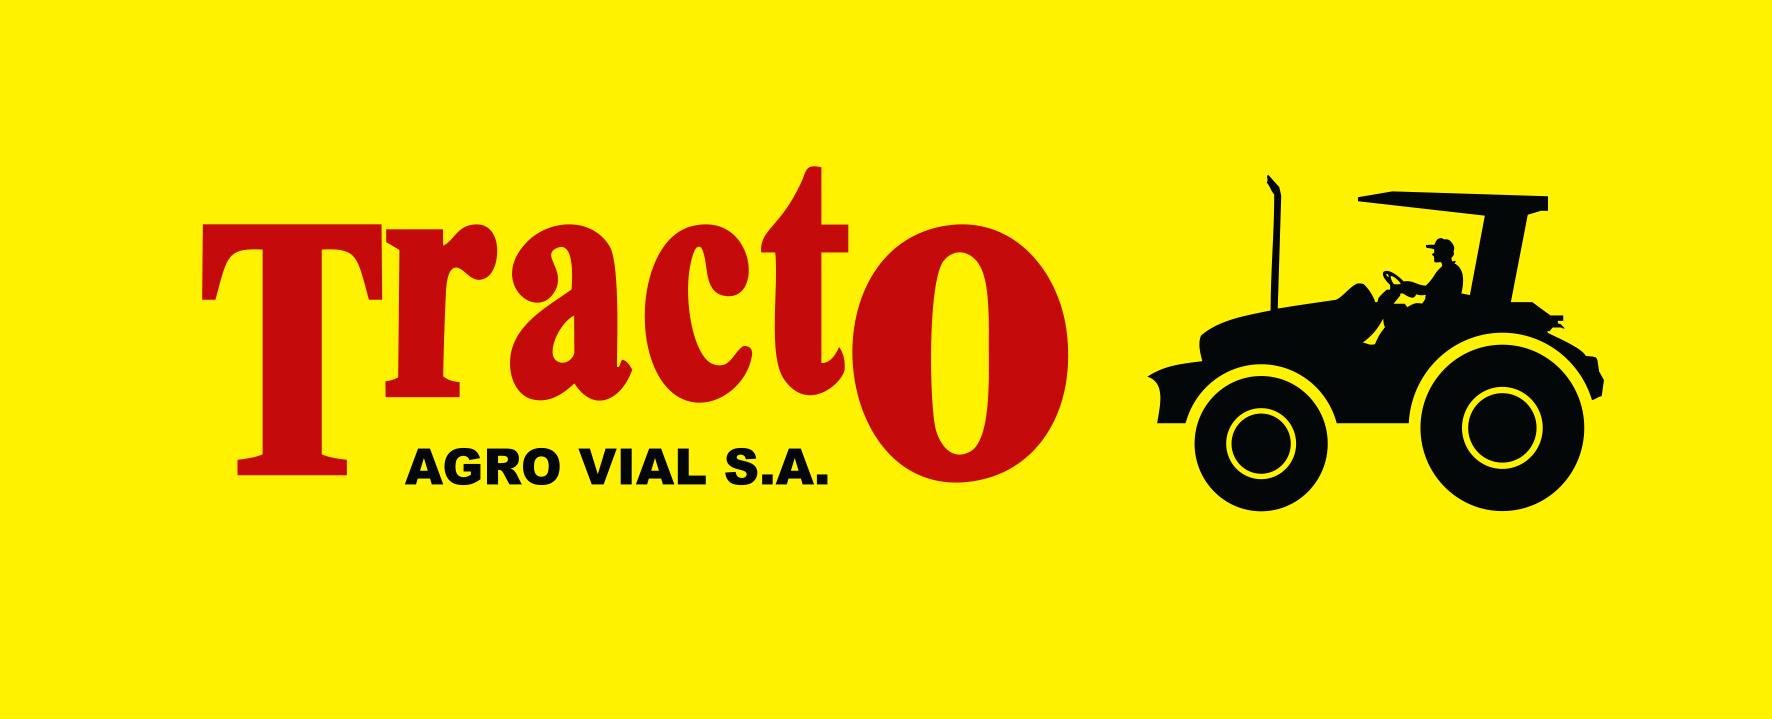 Tracto Agro Vial S.A. | Su mejor aliado en el campo